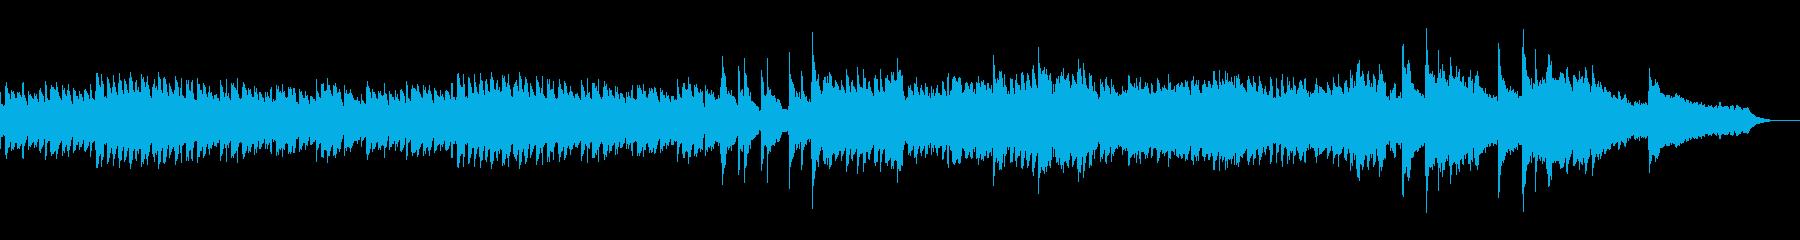 何かの始まりを予感させるピアノBGMの再生済みの波形